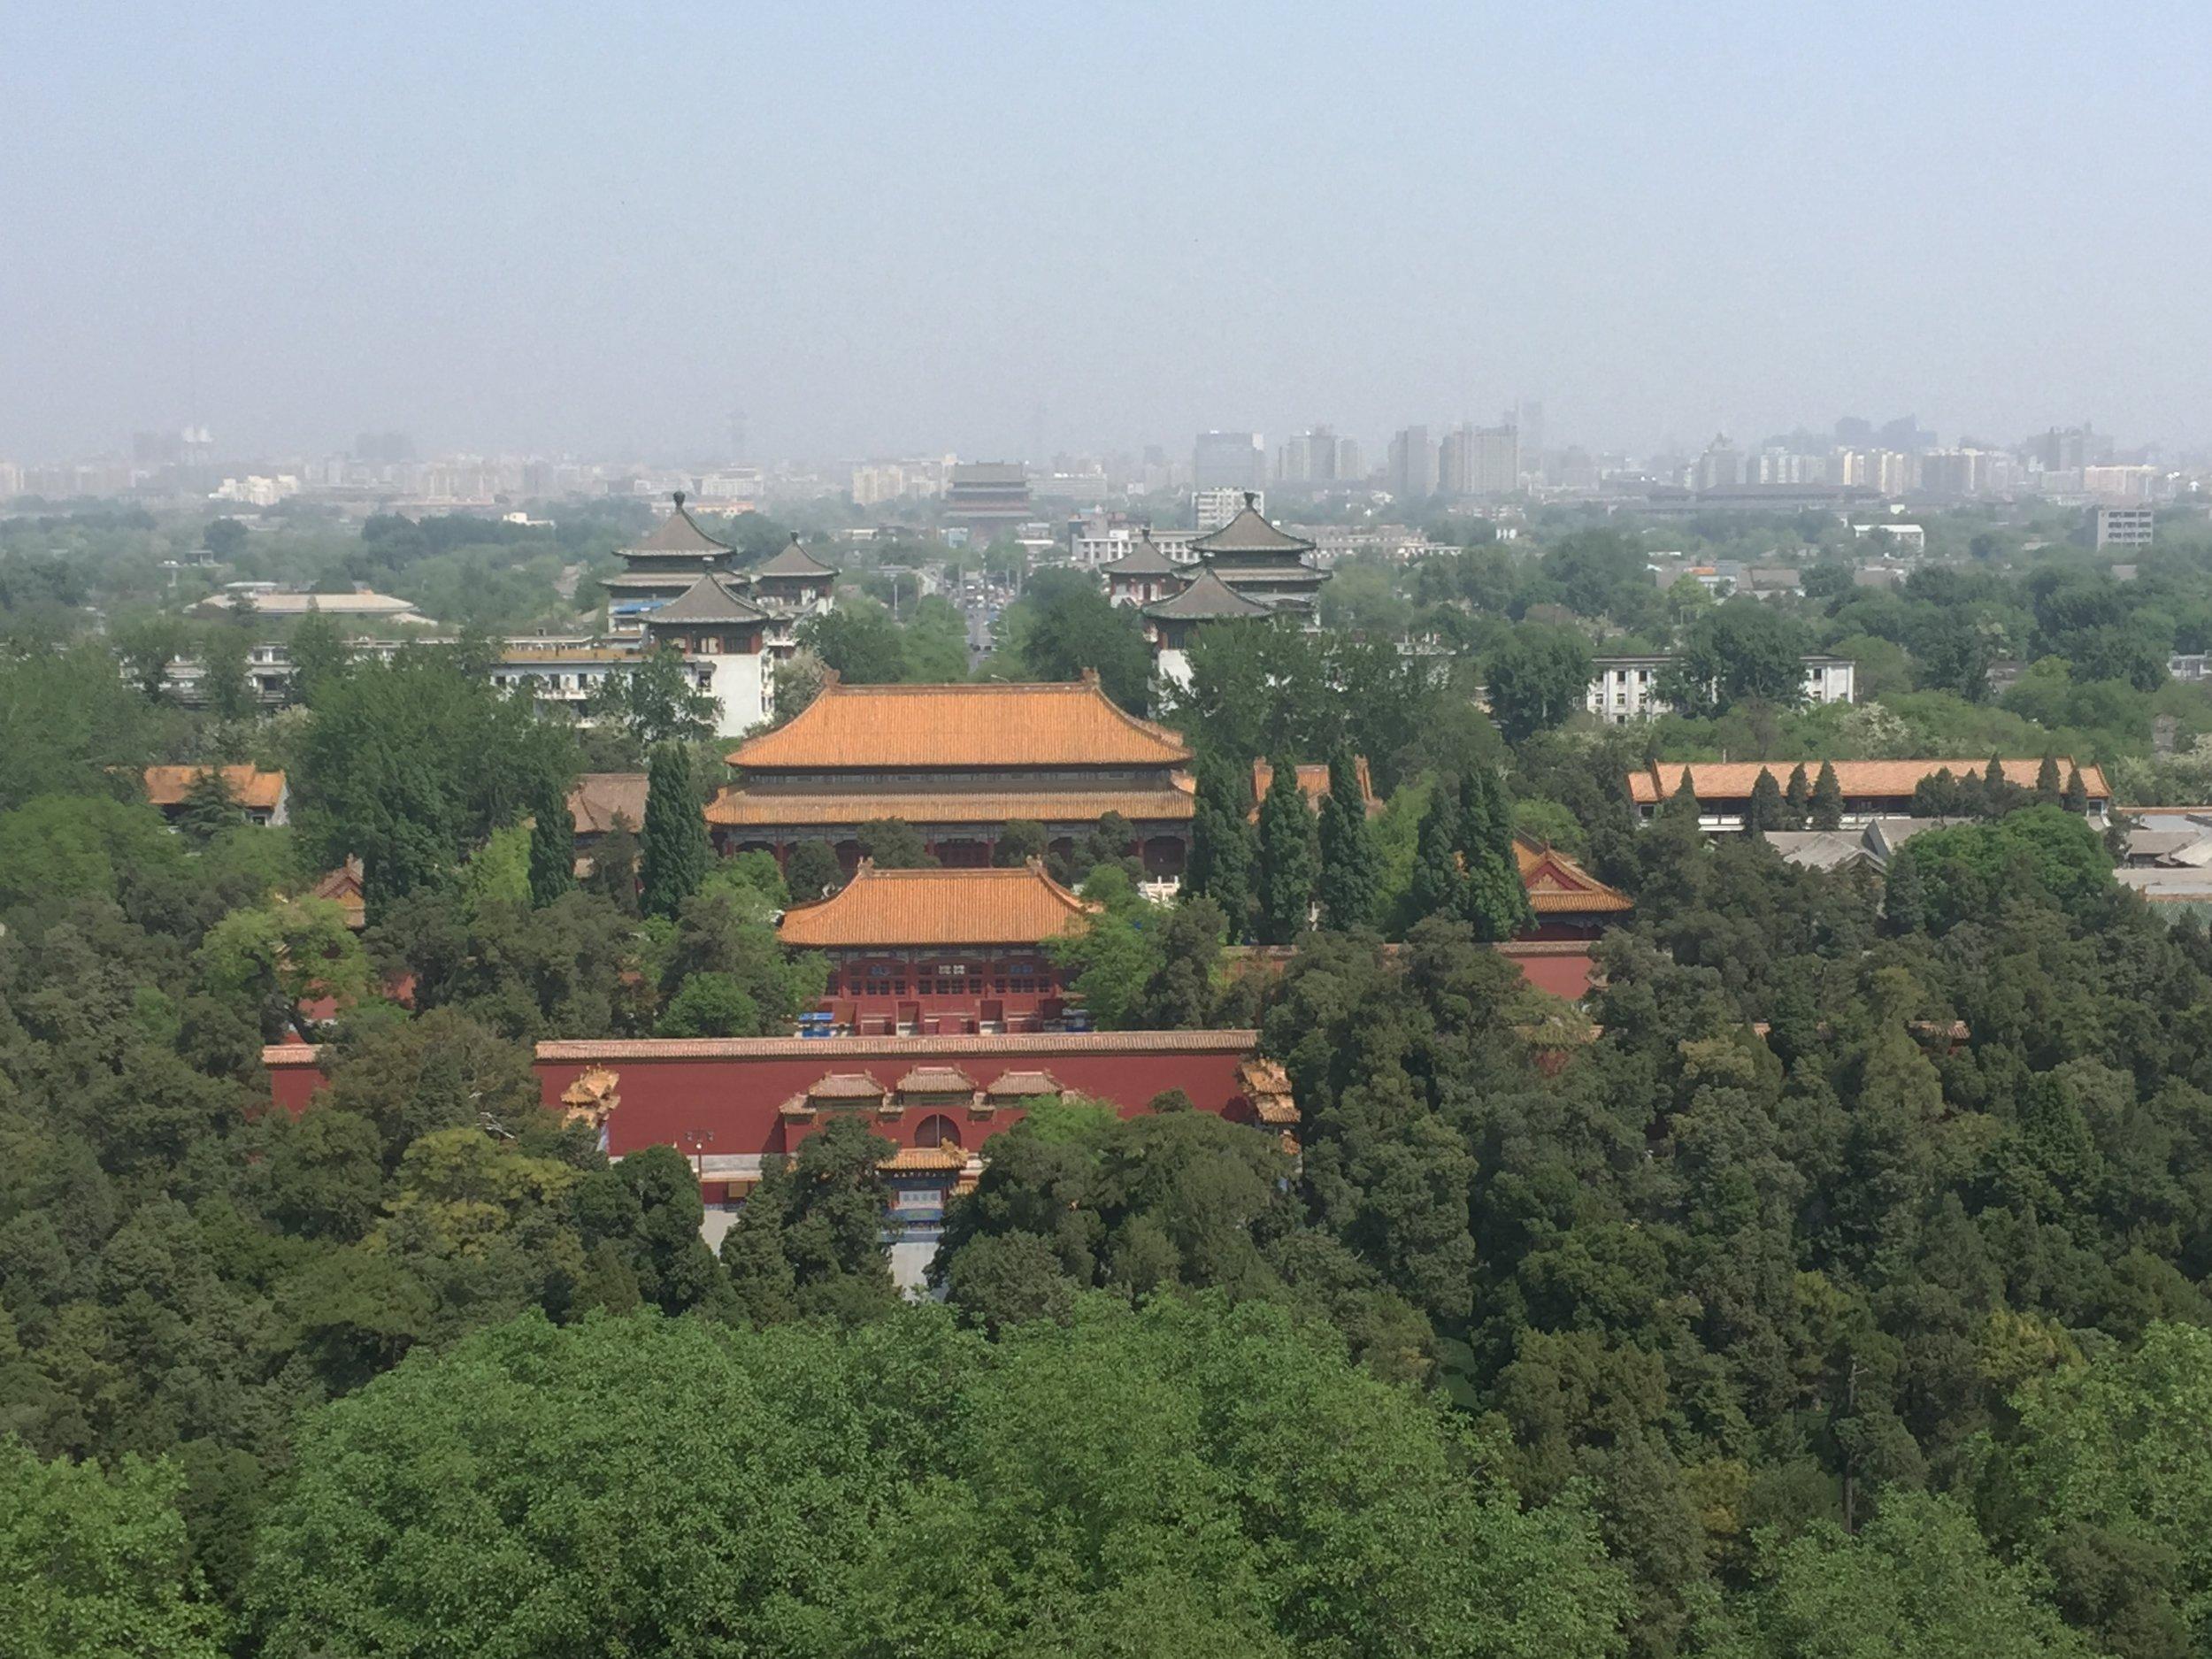 Views from Jingshan Park, Beijing